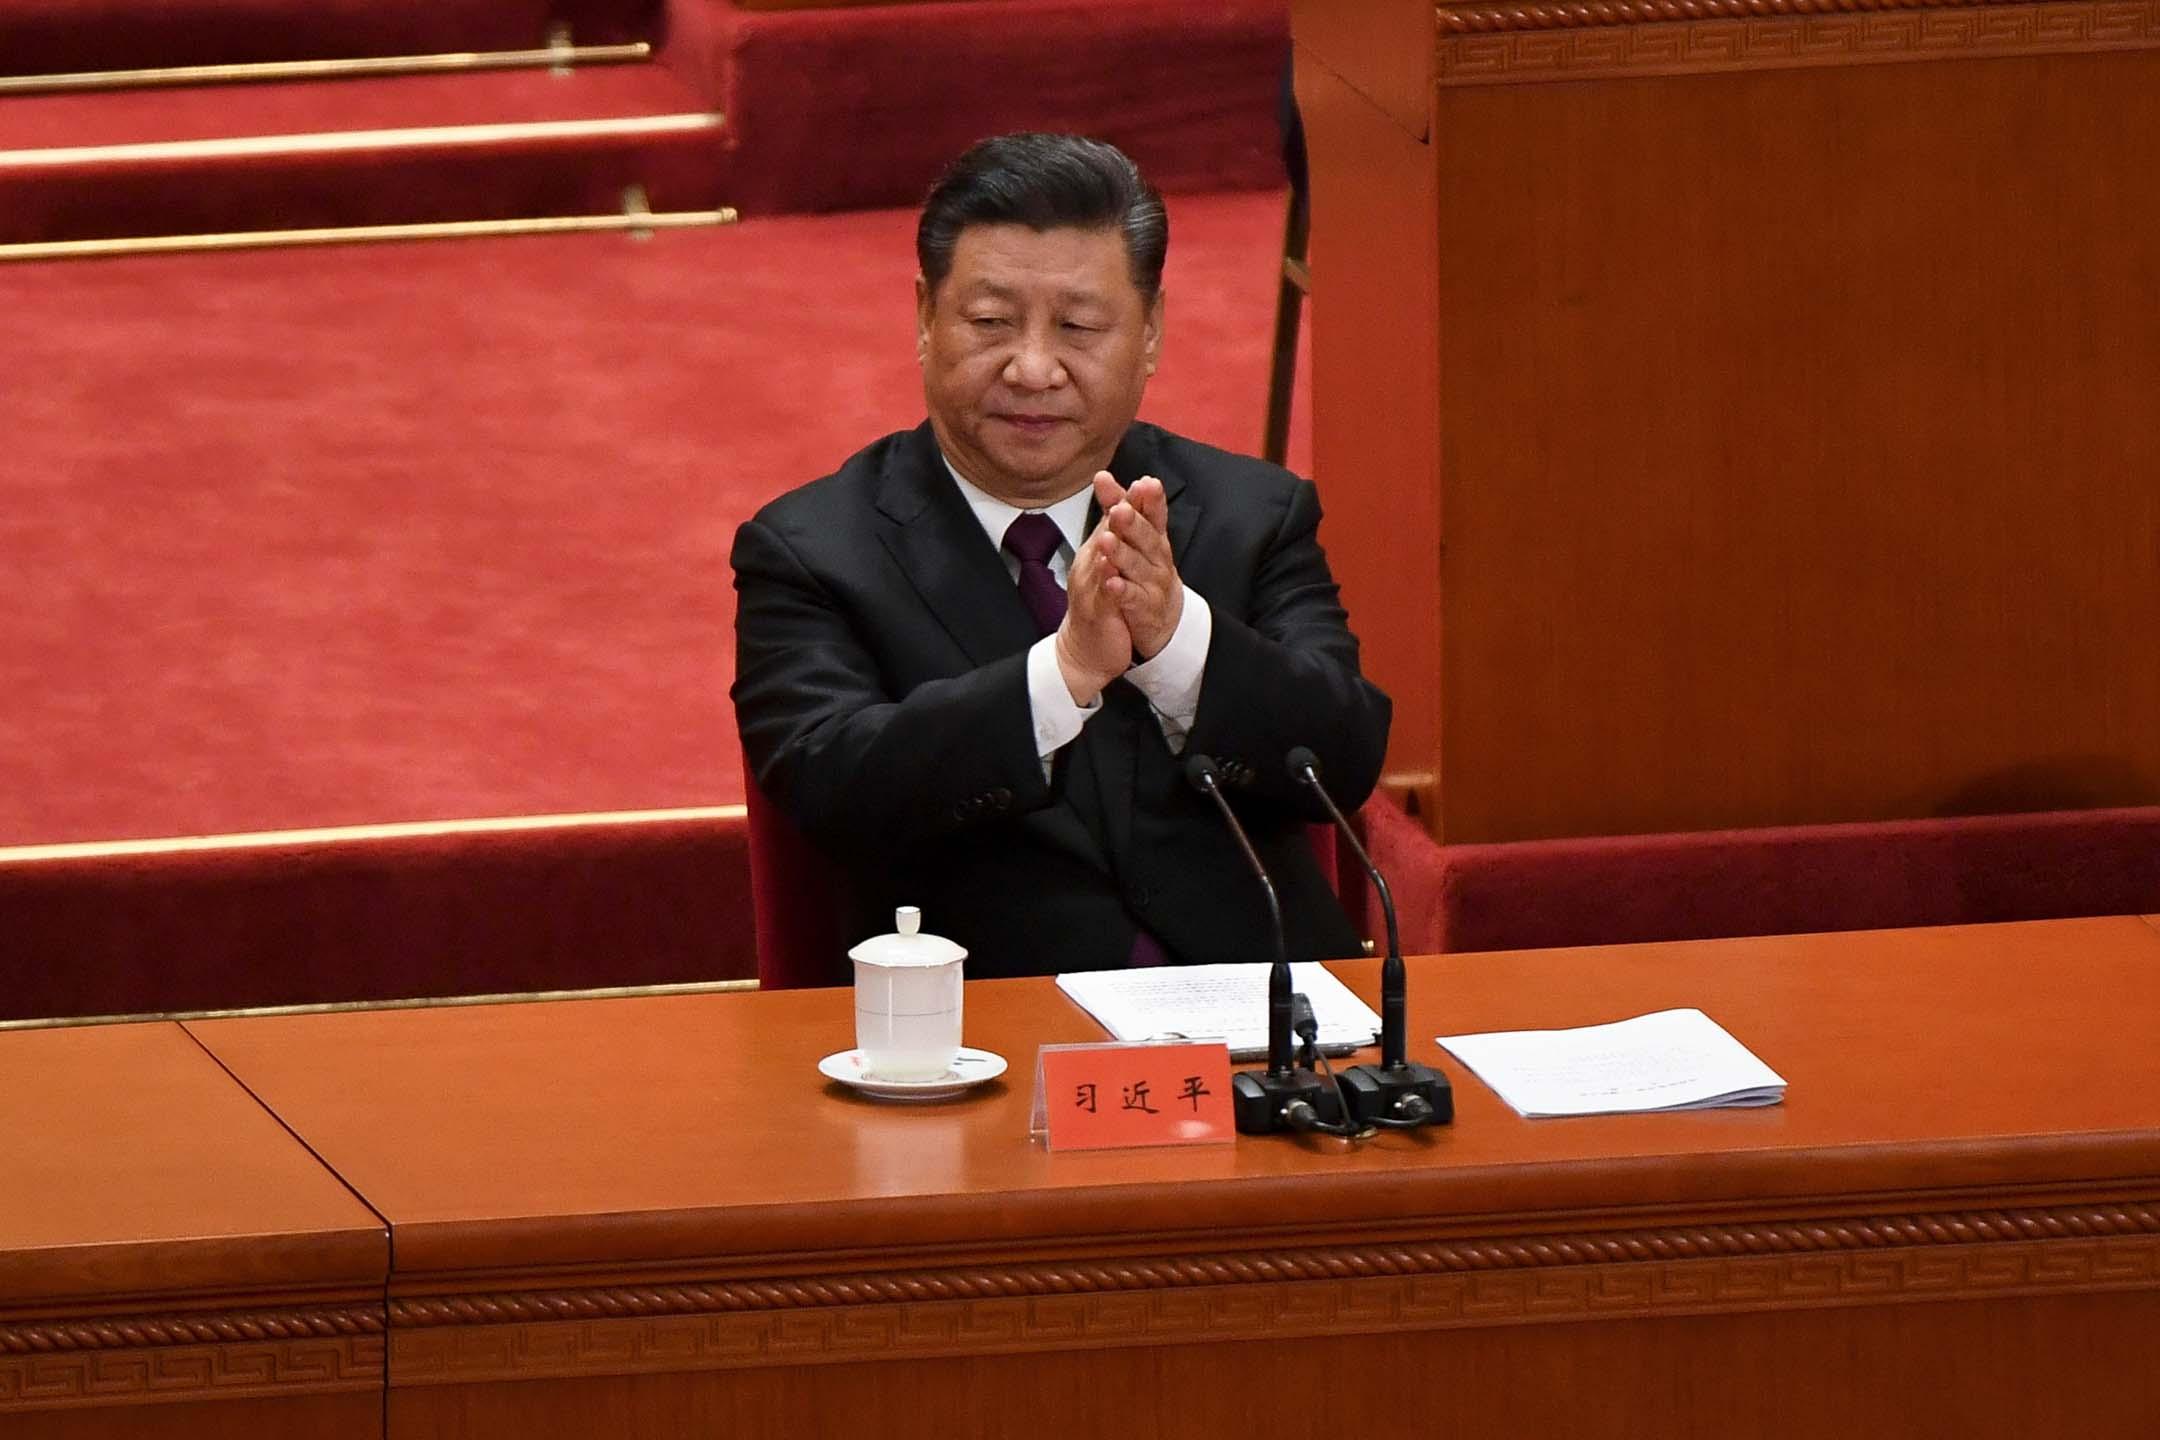 中國國家主席習近平在12月18日的慶祝改革開放40週年大會上再次強調了中國自鄧小平時代就建立的一項原則:「永不稱霸」。 攝:Wang Zhao/AFP/Getty Images